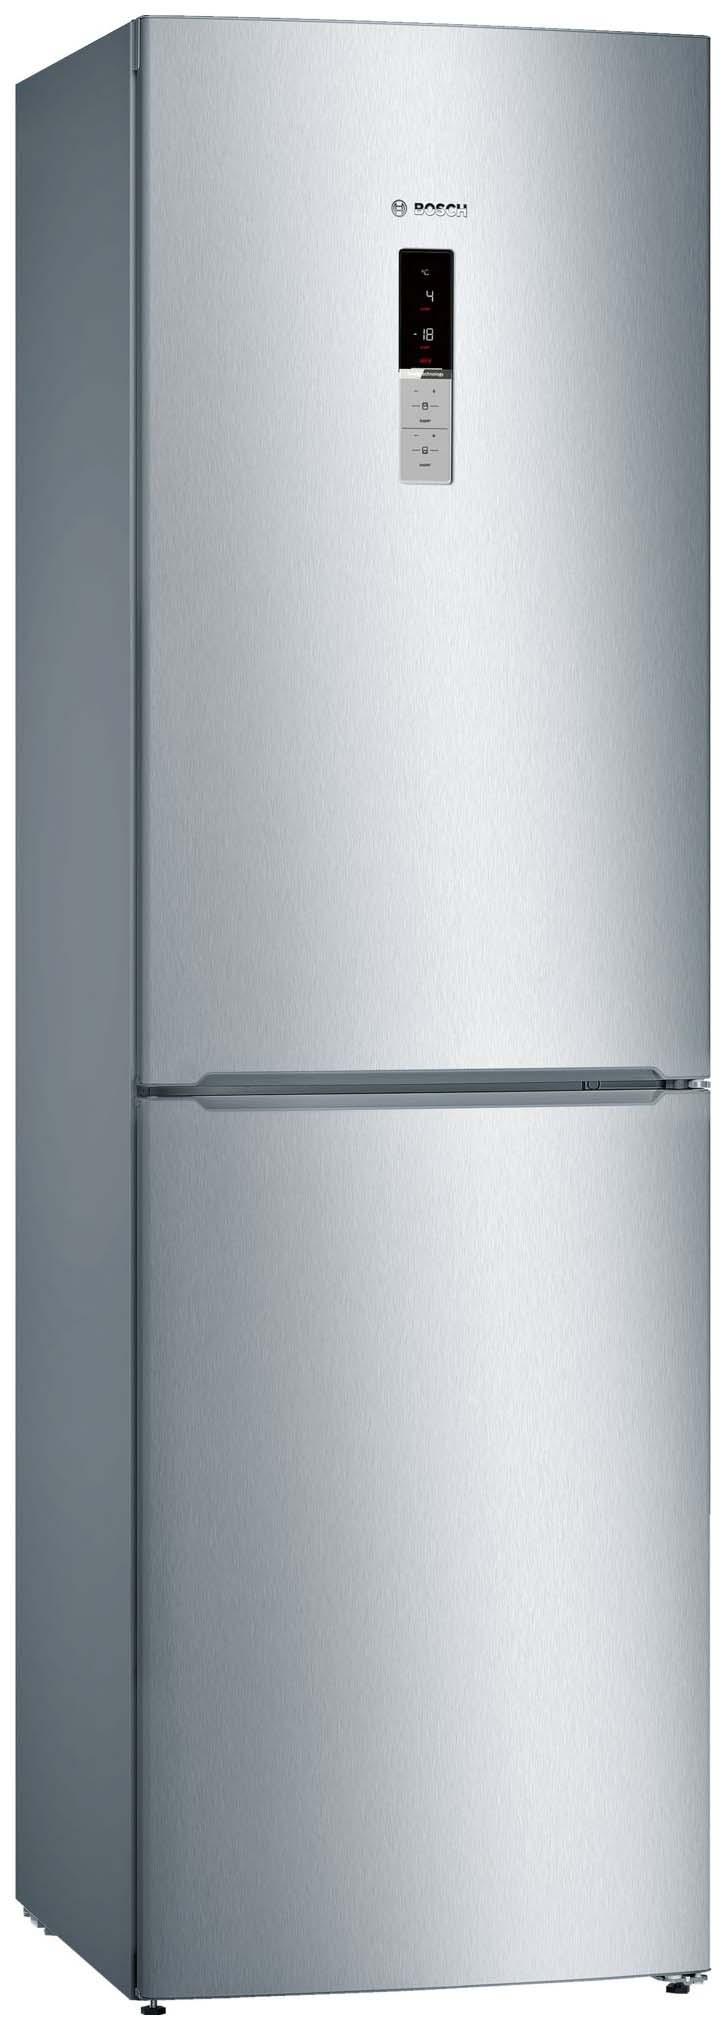 Холодильник Bosch KGN39VL17R Silver